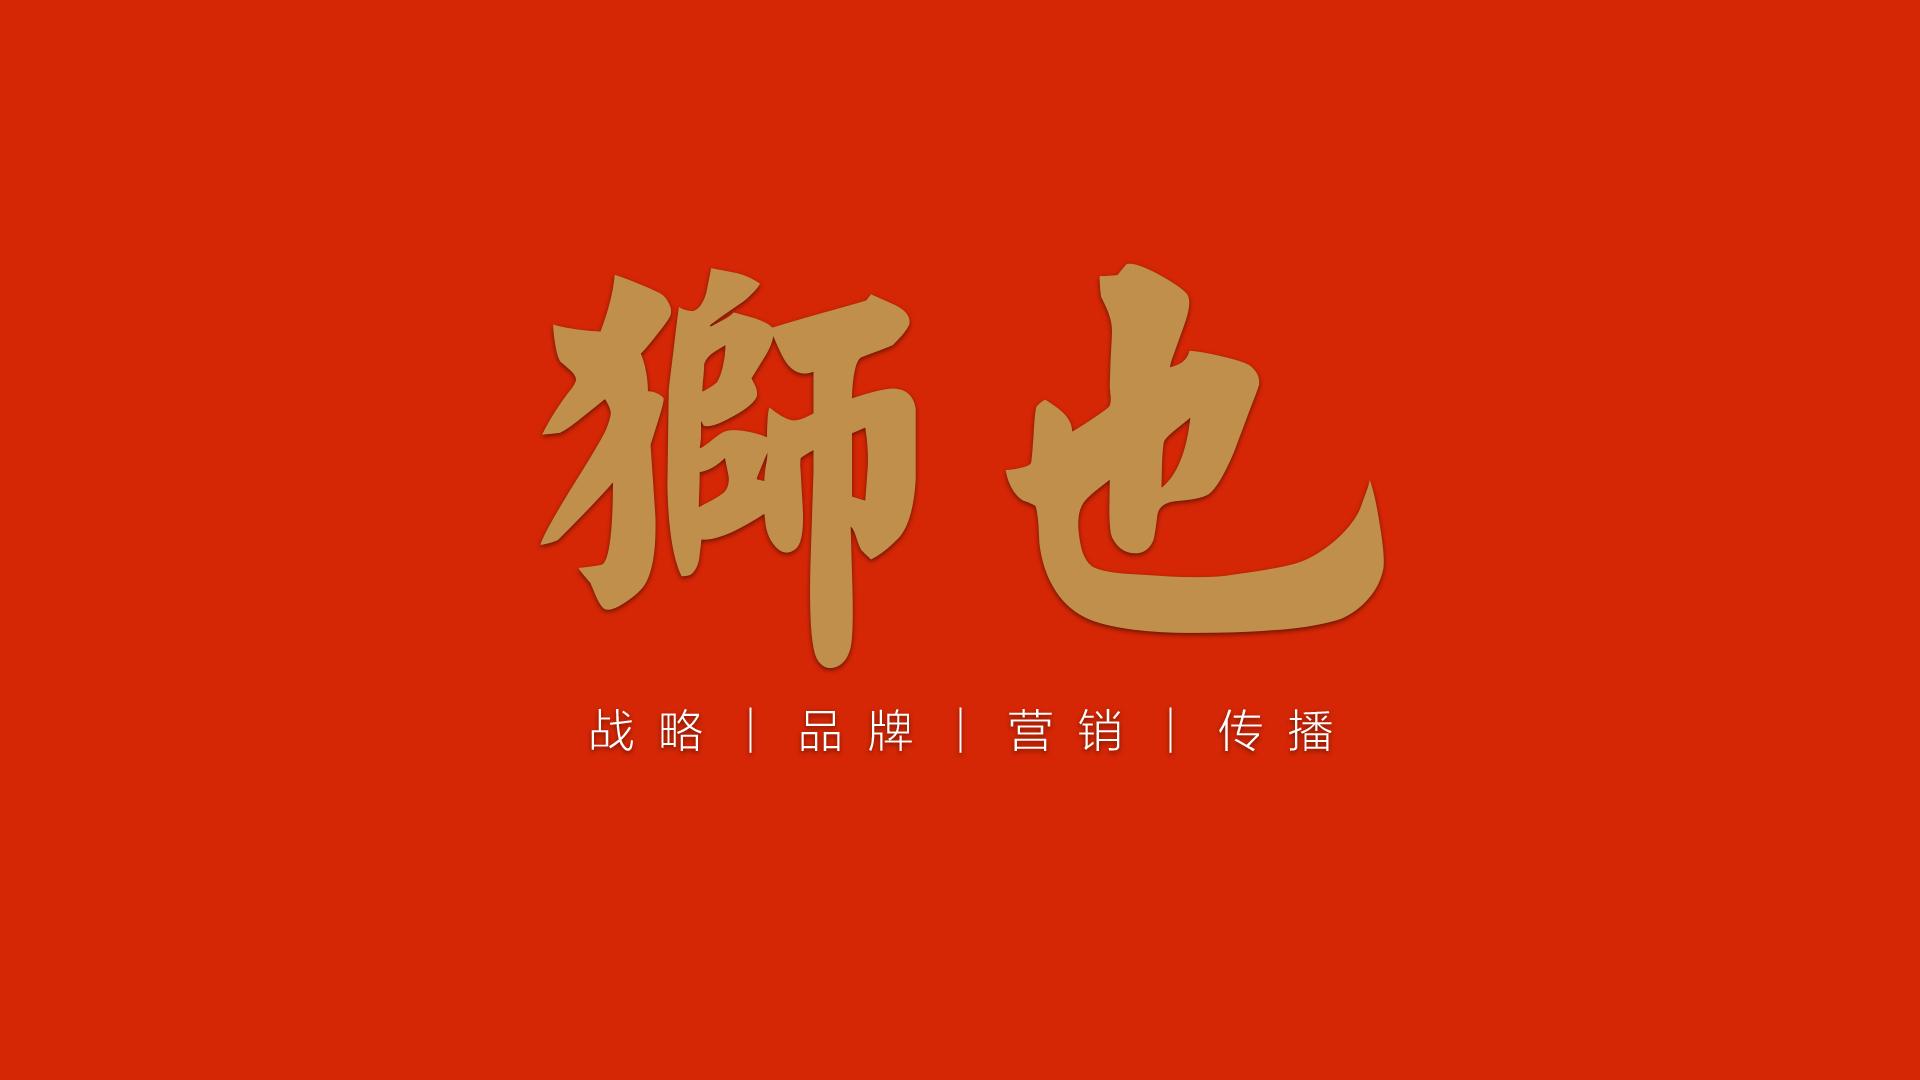 上海营销策划—啤酒榨菜方便面大卖 低价商品生意又回来了